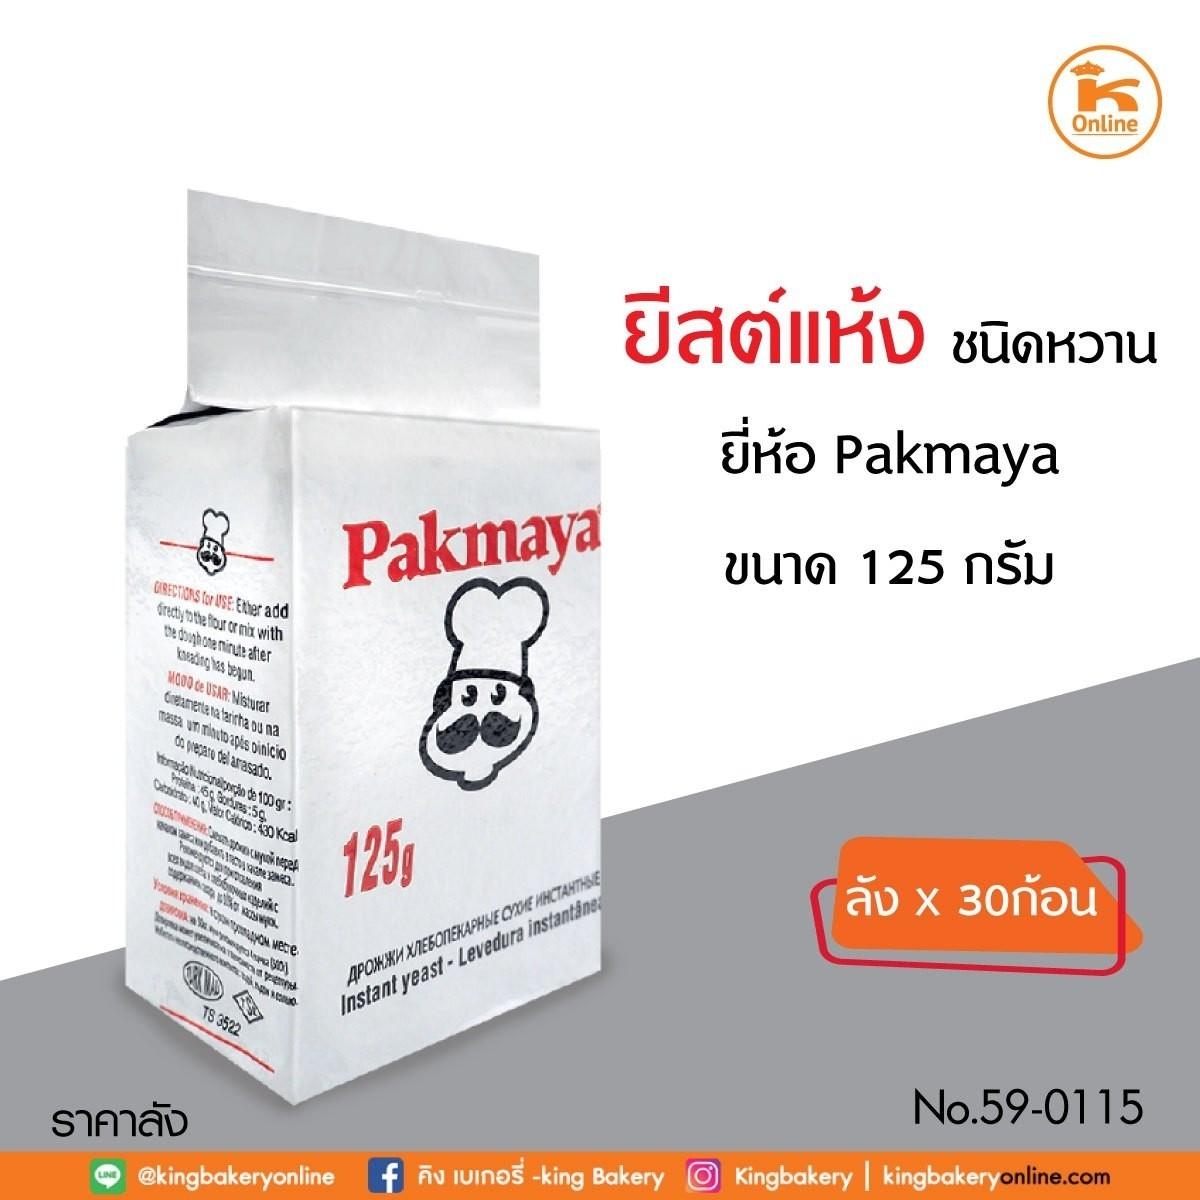 #ยกลัง (30ก้อน) ยีสต์แห้งหวาน Pakmaya 125 กรัม (1ลังx30ก้อน)